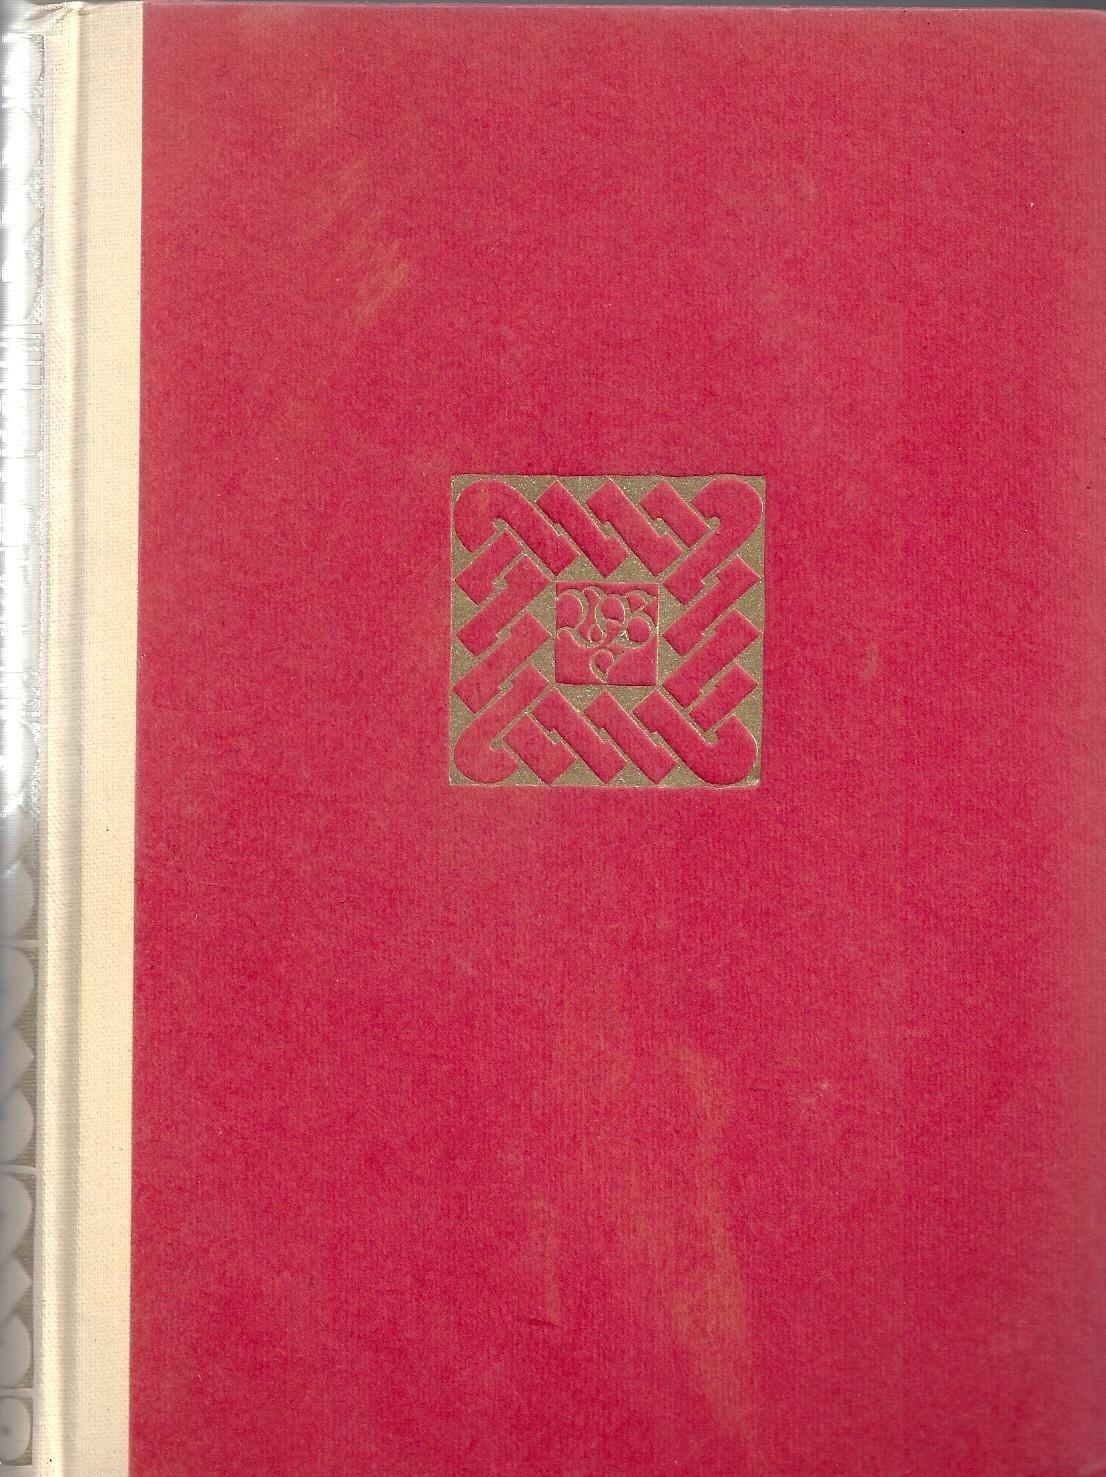 Vom Kulturreich des Festlandes - Dokumente zur: Frobenius,Leo